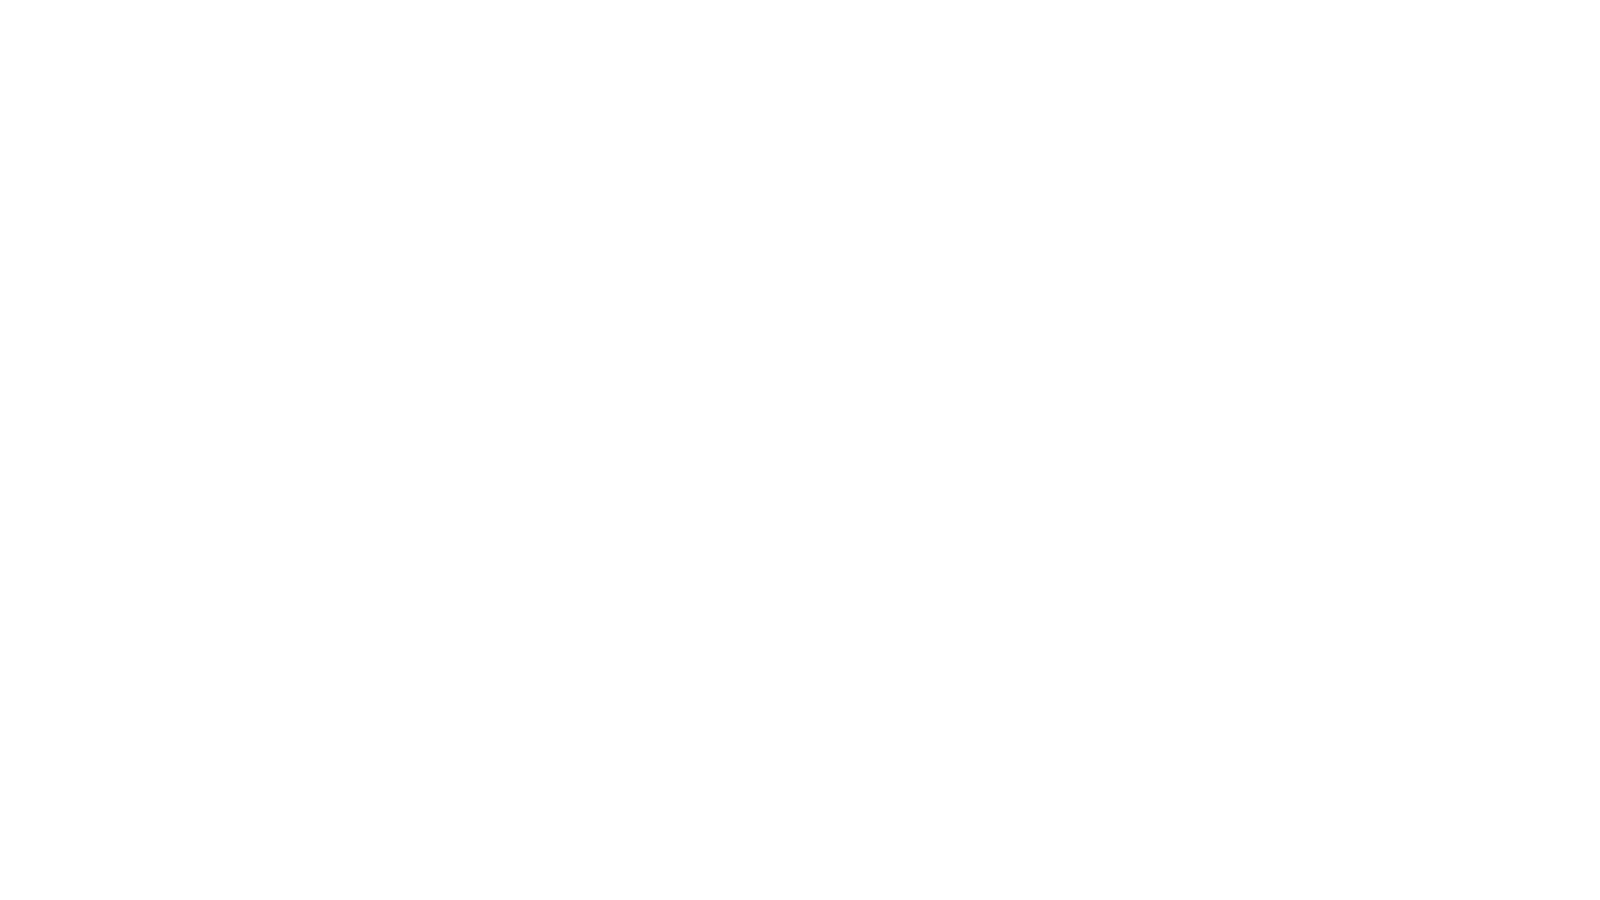 Ik mag deze week in het hoofd kruipen van Peter Daels, managing director innduce me.  Innduce.me is een assessment tool die de innovatieskills van mensen objectief en wetenschappelijk onderbouwd in kaart brengt. Deze tool is  ontstaan in de schoot van UGent ism innovatie expert Creax. Het onderzoek werd destijds geleid door Frederik Anseel en zijn departement psychologie en behavioral economics.   Bedrijven staan voor een moeilijke dubbele opdracht: ze moeten deze crisis overleven maar tegelijk vooruitkijken naar een onzekere toekomst. Met andere woorden: operationele beslissingen nemen op korte termijn: hoe optimaliseer ik mijn bestaande business en tegelijkertijd inzetten op morgen en overmorgen, wat een lange-termijnvisie veronderstelt.  Bedrijven die dagelijkse operaties goed combineren met lange-termijninnovatie noemen we ambidextrous organisations.  En dat is allesbehalve vanzelfsprekend: bedrijven zijn niet gestructureerd of georganiseerd om te innoveren, ze zijn vooral gemaakt met focus op het optimaliseren van processen.   Het zijn trouwens altijd mensen die innoveren, niet organisaties.  Waar het op aan komt, is het selecteren, samen plaatsen en ondersteunen van de juiste mensen. Er is dus een belangrijke strategische rol weggelegd voor HR!  Sterke innovatieteams stel je niet samen op basis van anciënniteit of hiërarchie. Ervaring is belangrijk, maar optimale teams hebben iets anders nodig.  Waarom is iemand innovatiever dan een ander?  Kunnen we dat op een objectieve manier bepalen?   Met deze vragen stapte Peter Daels een paar jaar geleden naar professor Frederik Anseel en zijn team aan UGent. Uitgebreid wetenschappelijk onderzoek en praktijktoetsing toonde 20 belangrijke vaardigheden voor succesvolle innovatie en drie basisprofielen:  1) de Ideator,  2) de Champion  3) en Implementer.   Uit het onderzoek bleek ook dat innovatie versnelt door de samenwerking van deze drie profielen in één team.  Net zoals Belbin teamrollen heeft gedefinieerd en succesvol